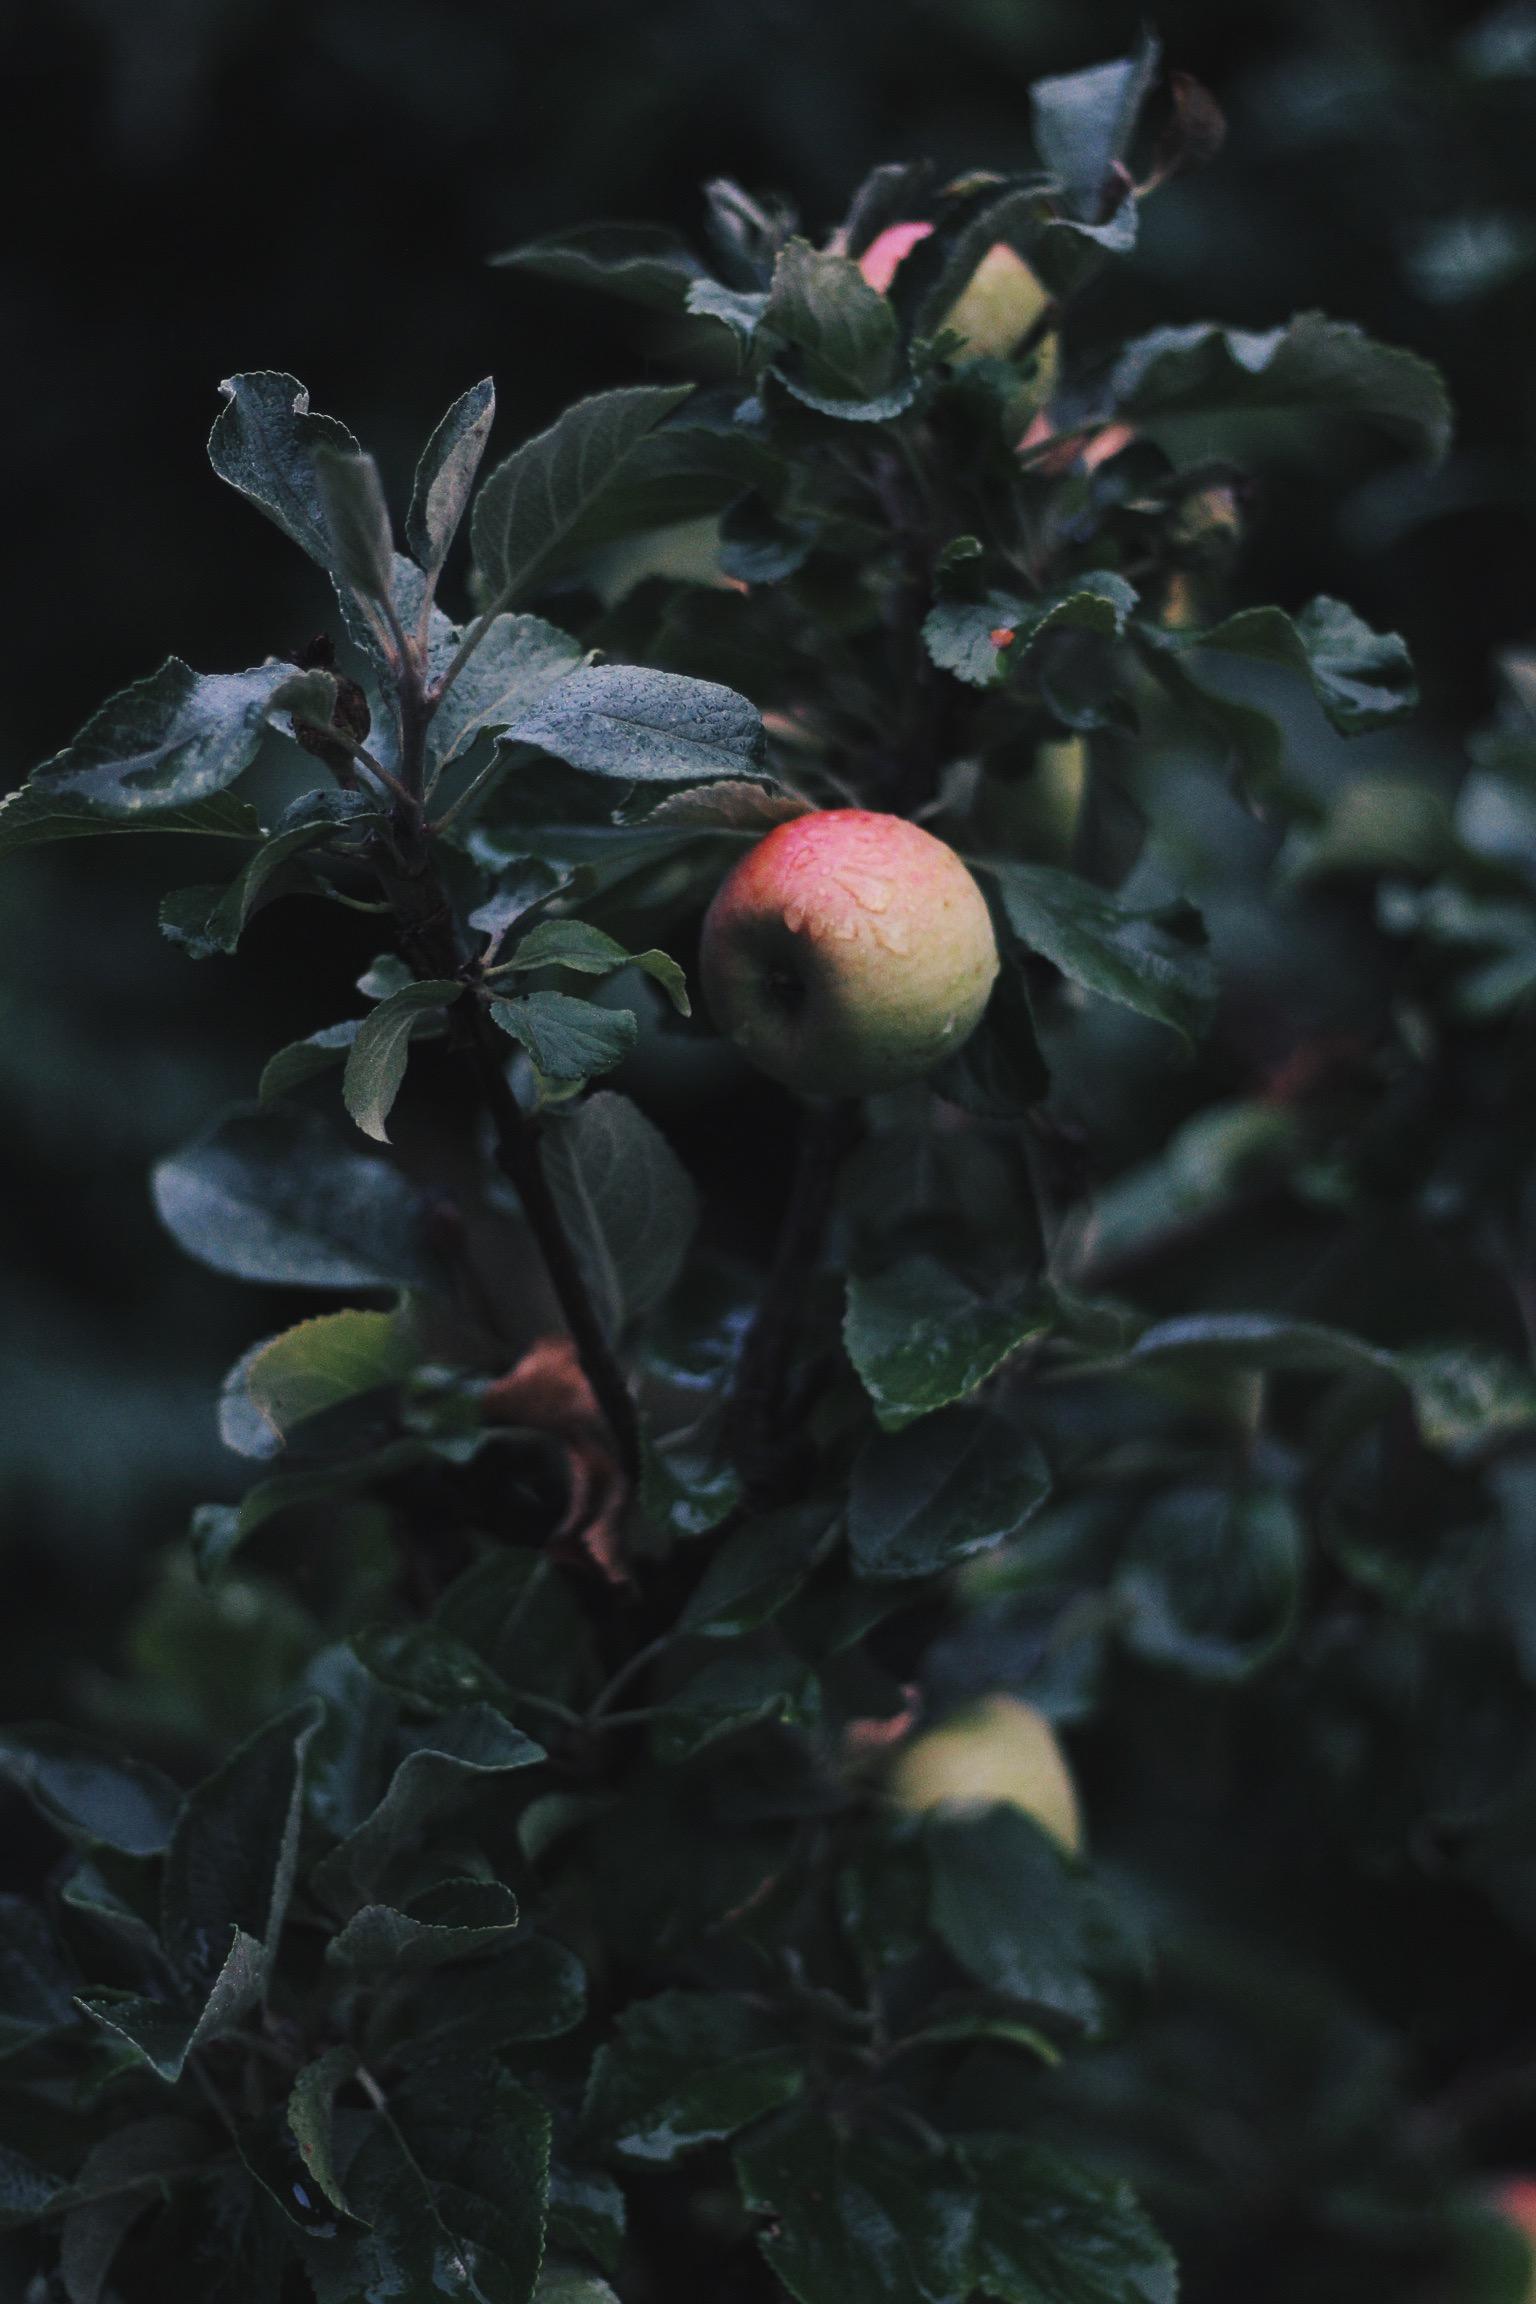 Apples growing in my garden